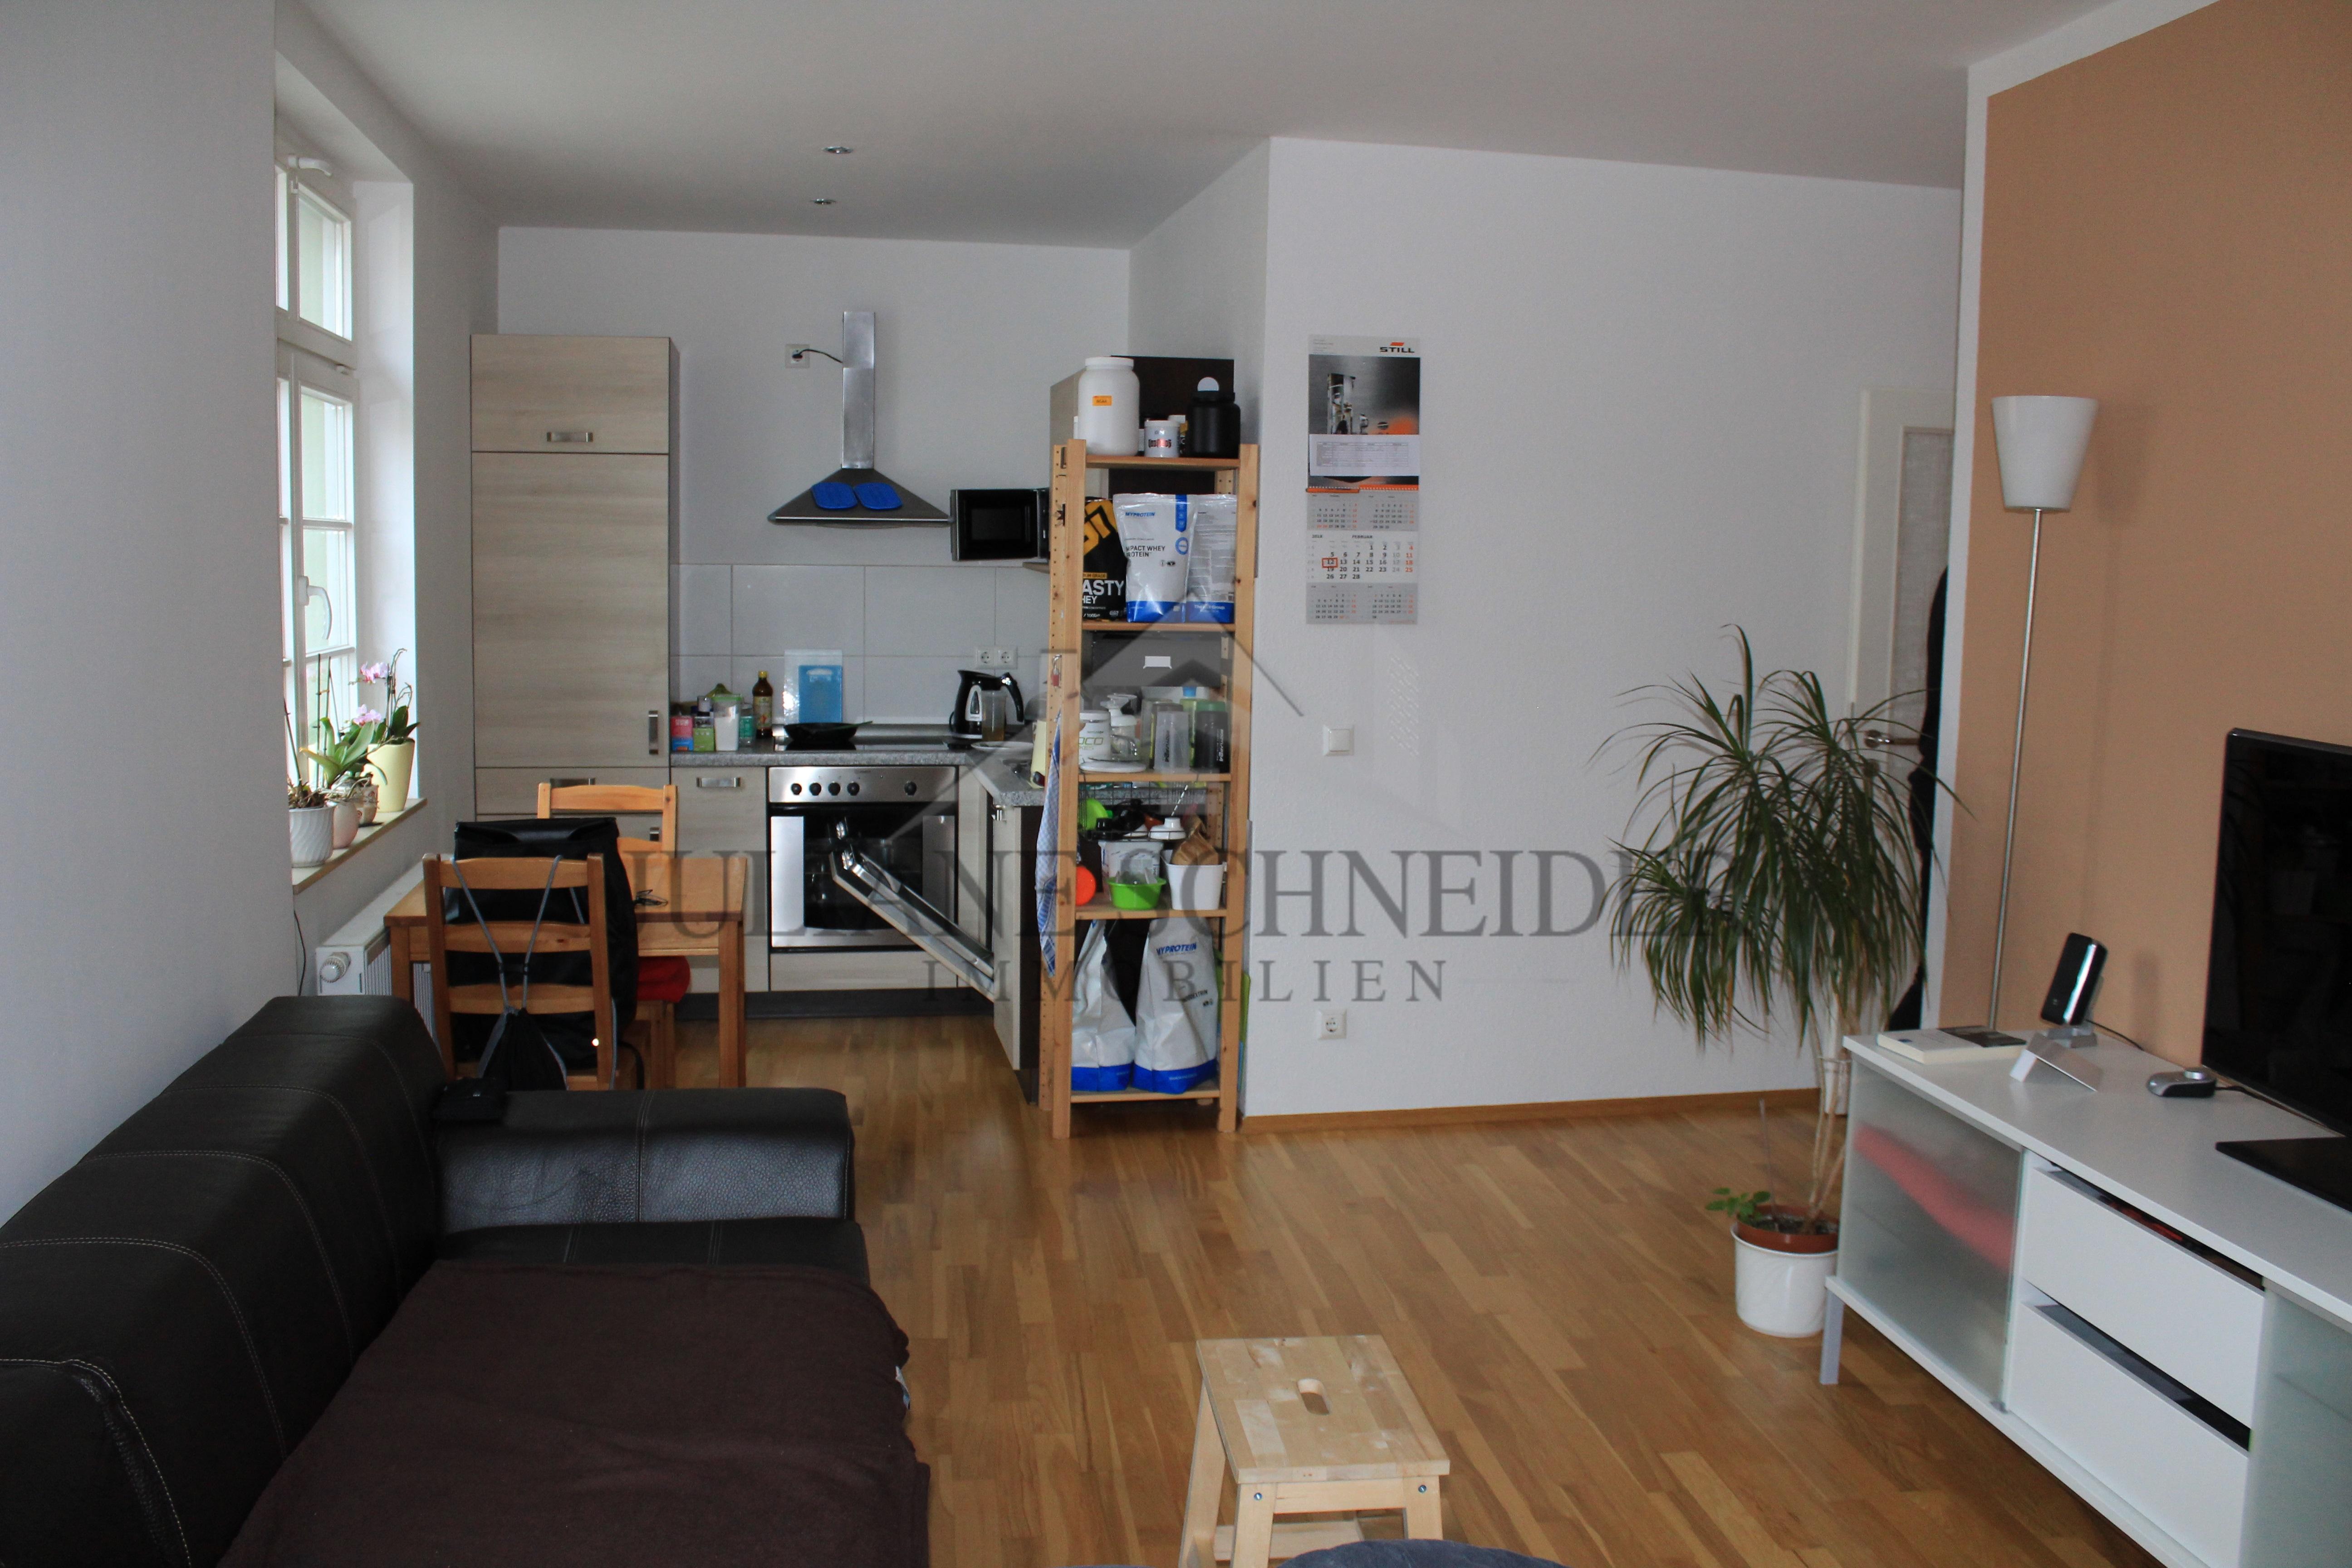 Wohnzimmer mit offener Küche - Juliane Schneider Immobilien